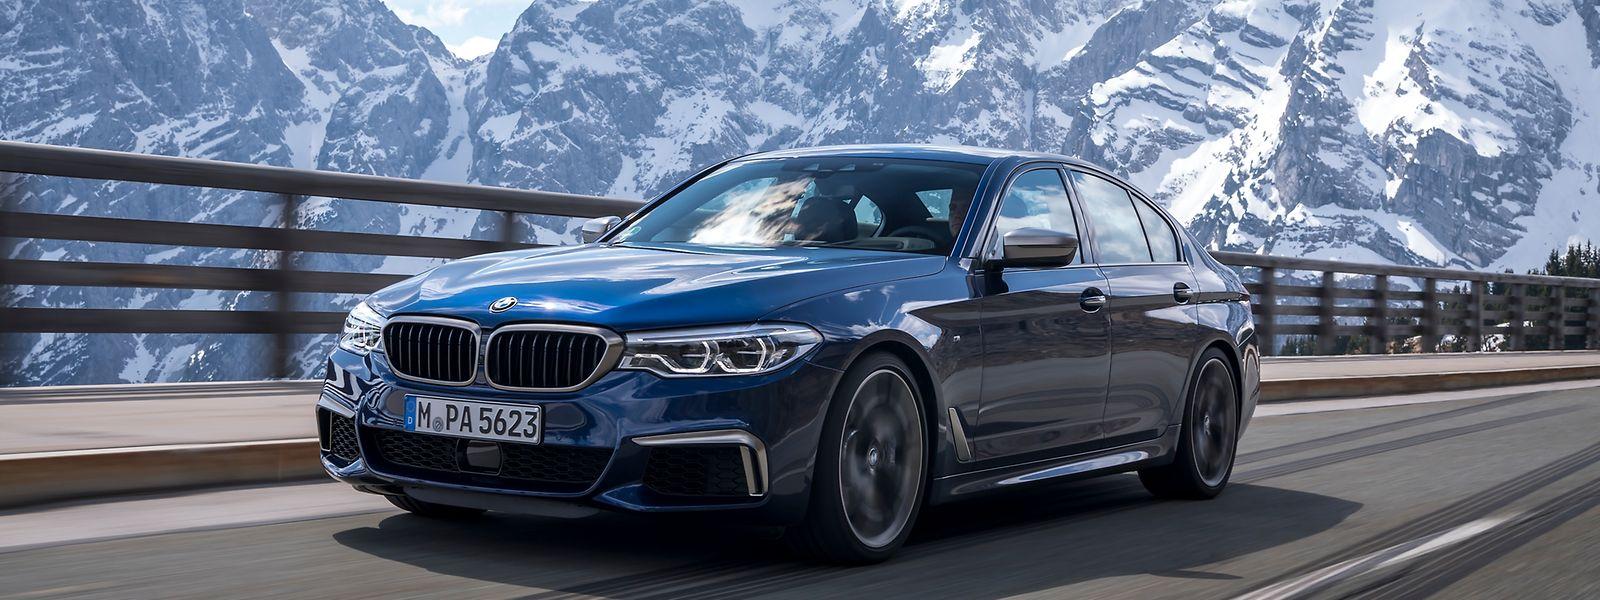 Der BMW M550i xDrive sprintet bei Bedarf in 4,0 Sekunden von 0 auf 100 km/h und erreicht eine elektronisch begrenzte Höchstgeschwindigkeit von 250 km/h.